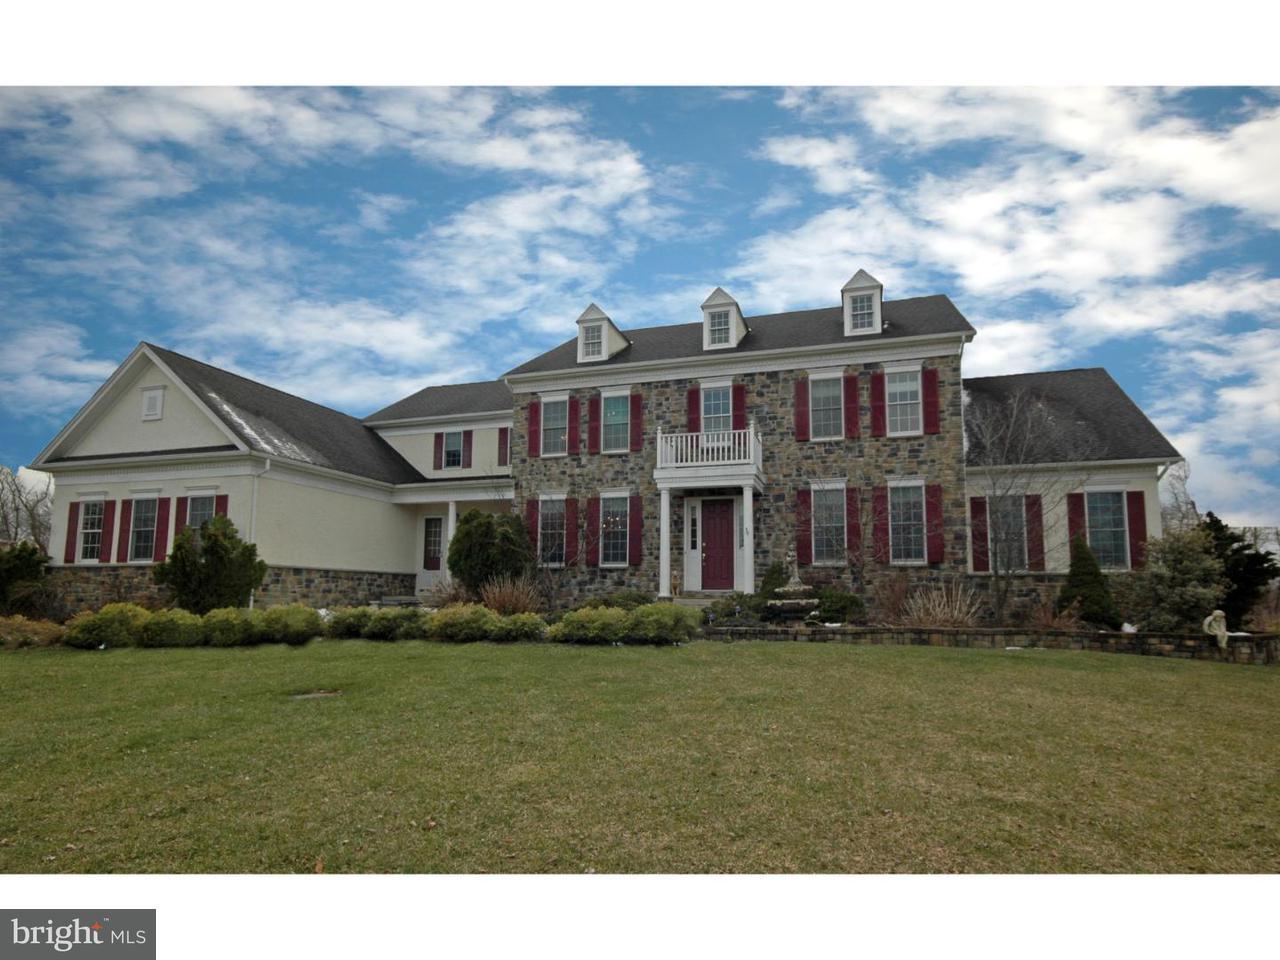 Maison unifamiliale pour l Vente à 10 GRANT Drive Allentown, New Jersey 08514 États-UnisDans/Autour: Upper Freehold Township